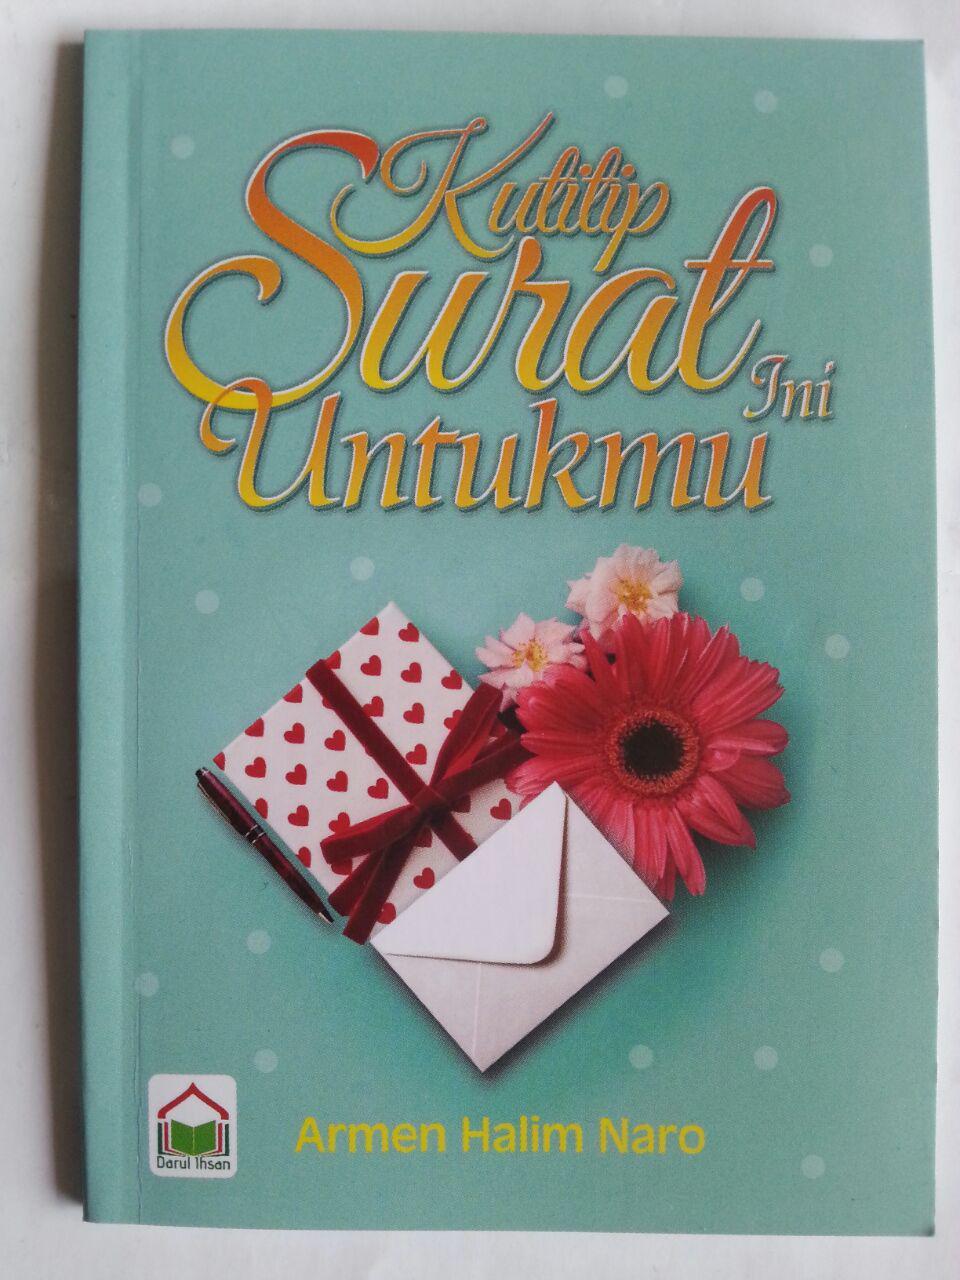 Buku Saku Kutitip Surat Ini Untukmu cover 2